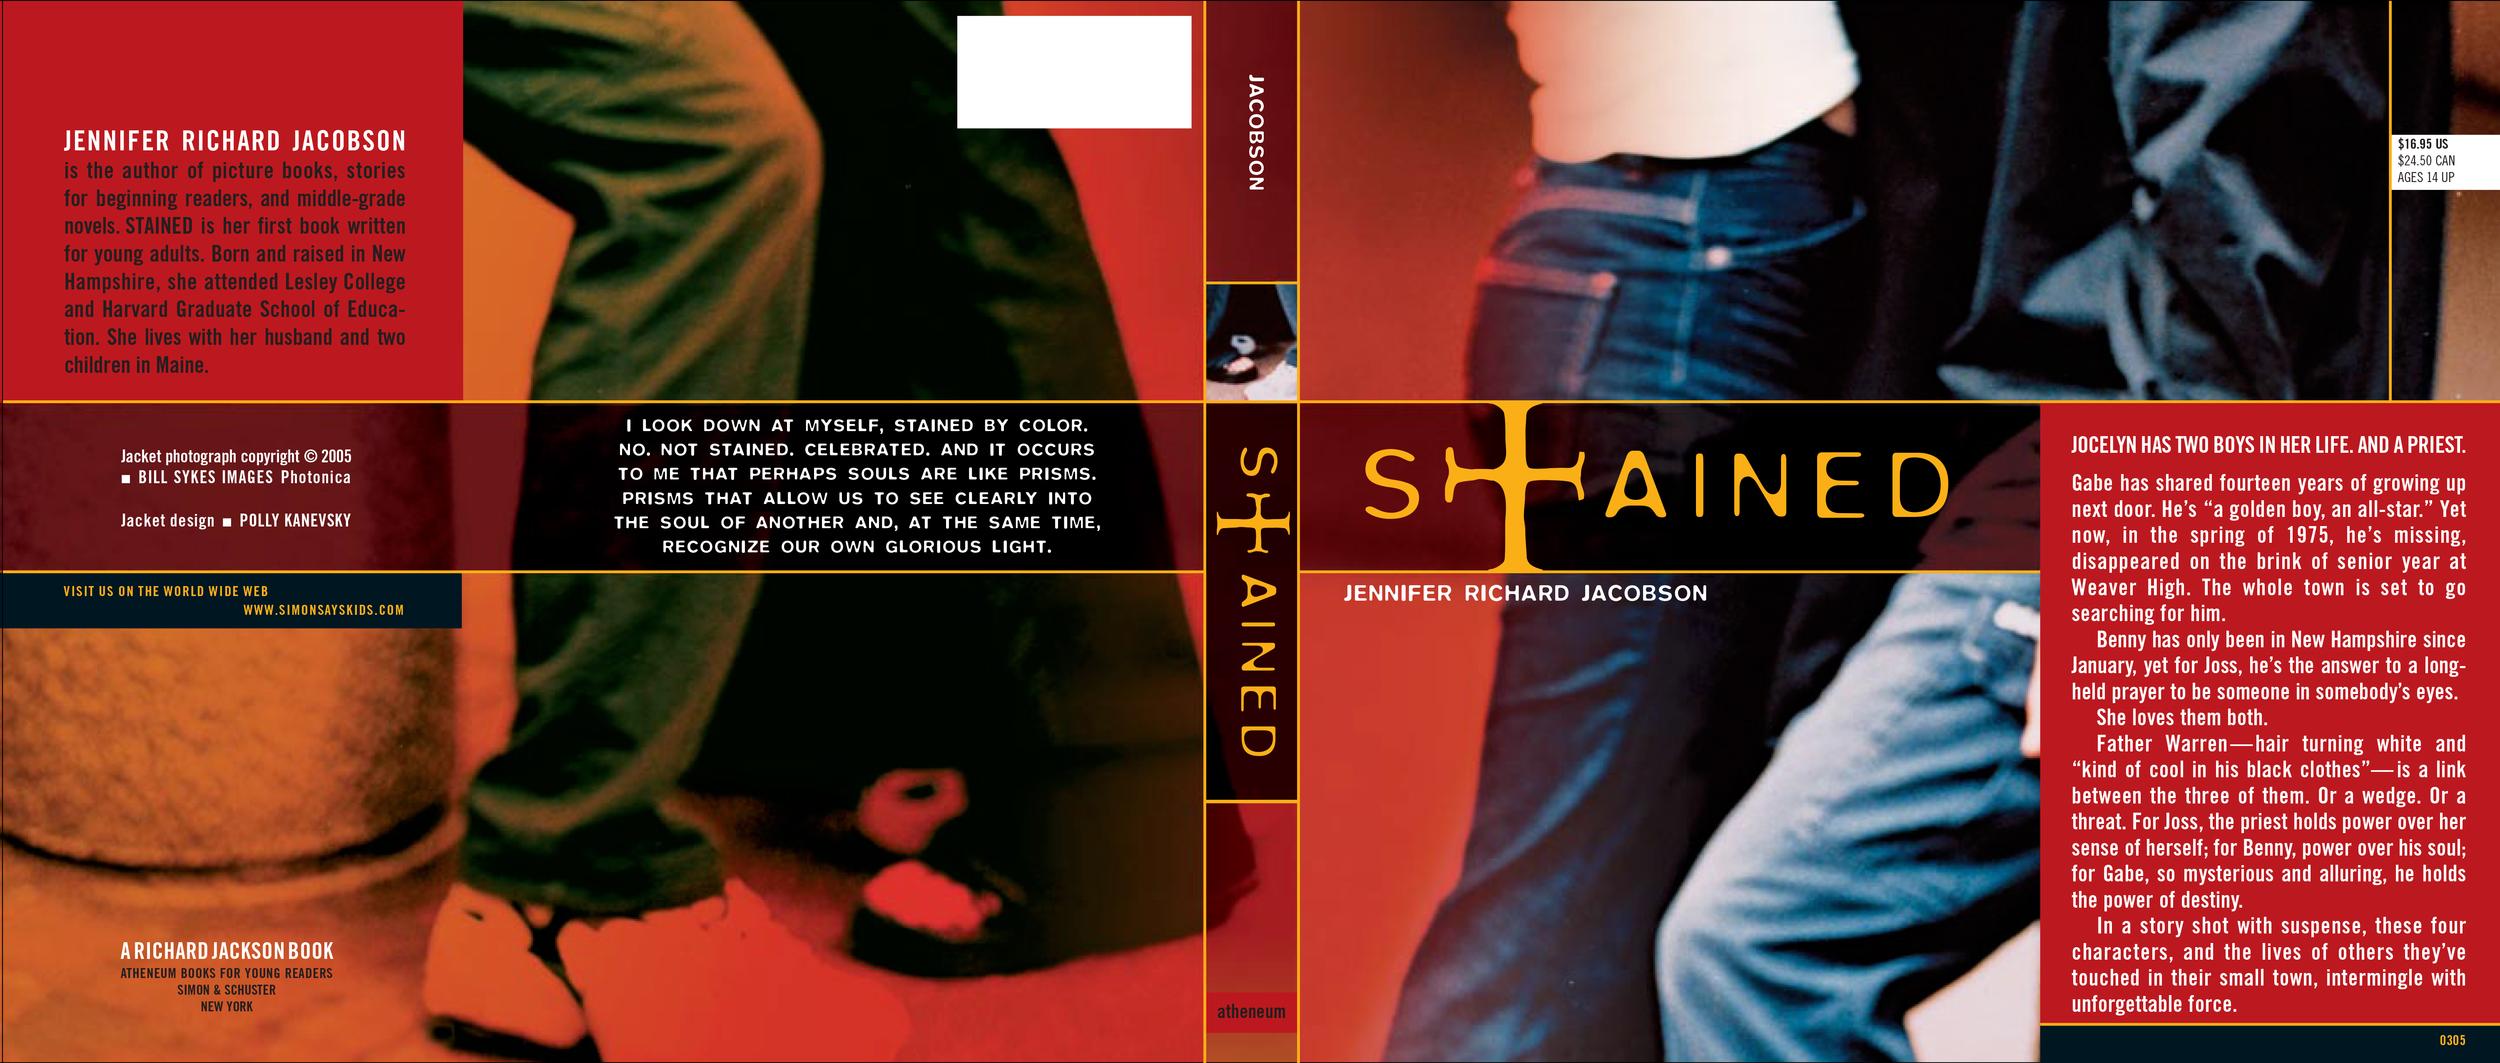 Stained2.Simon & Schuster.Novel Jacket.jpg